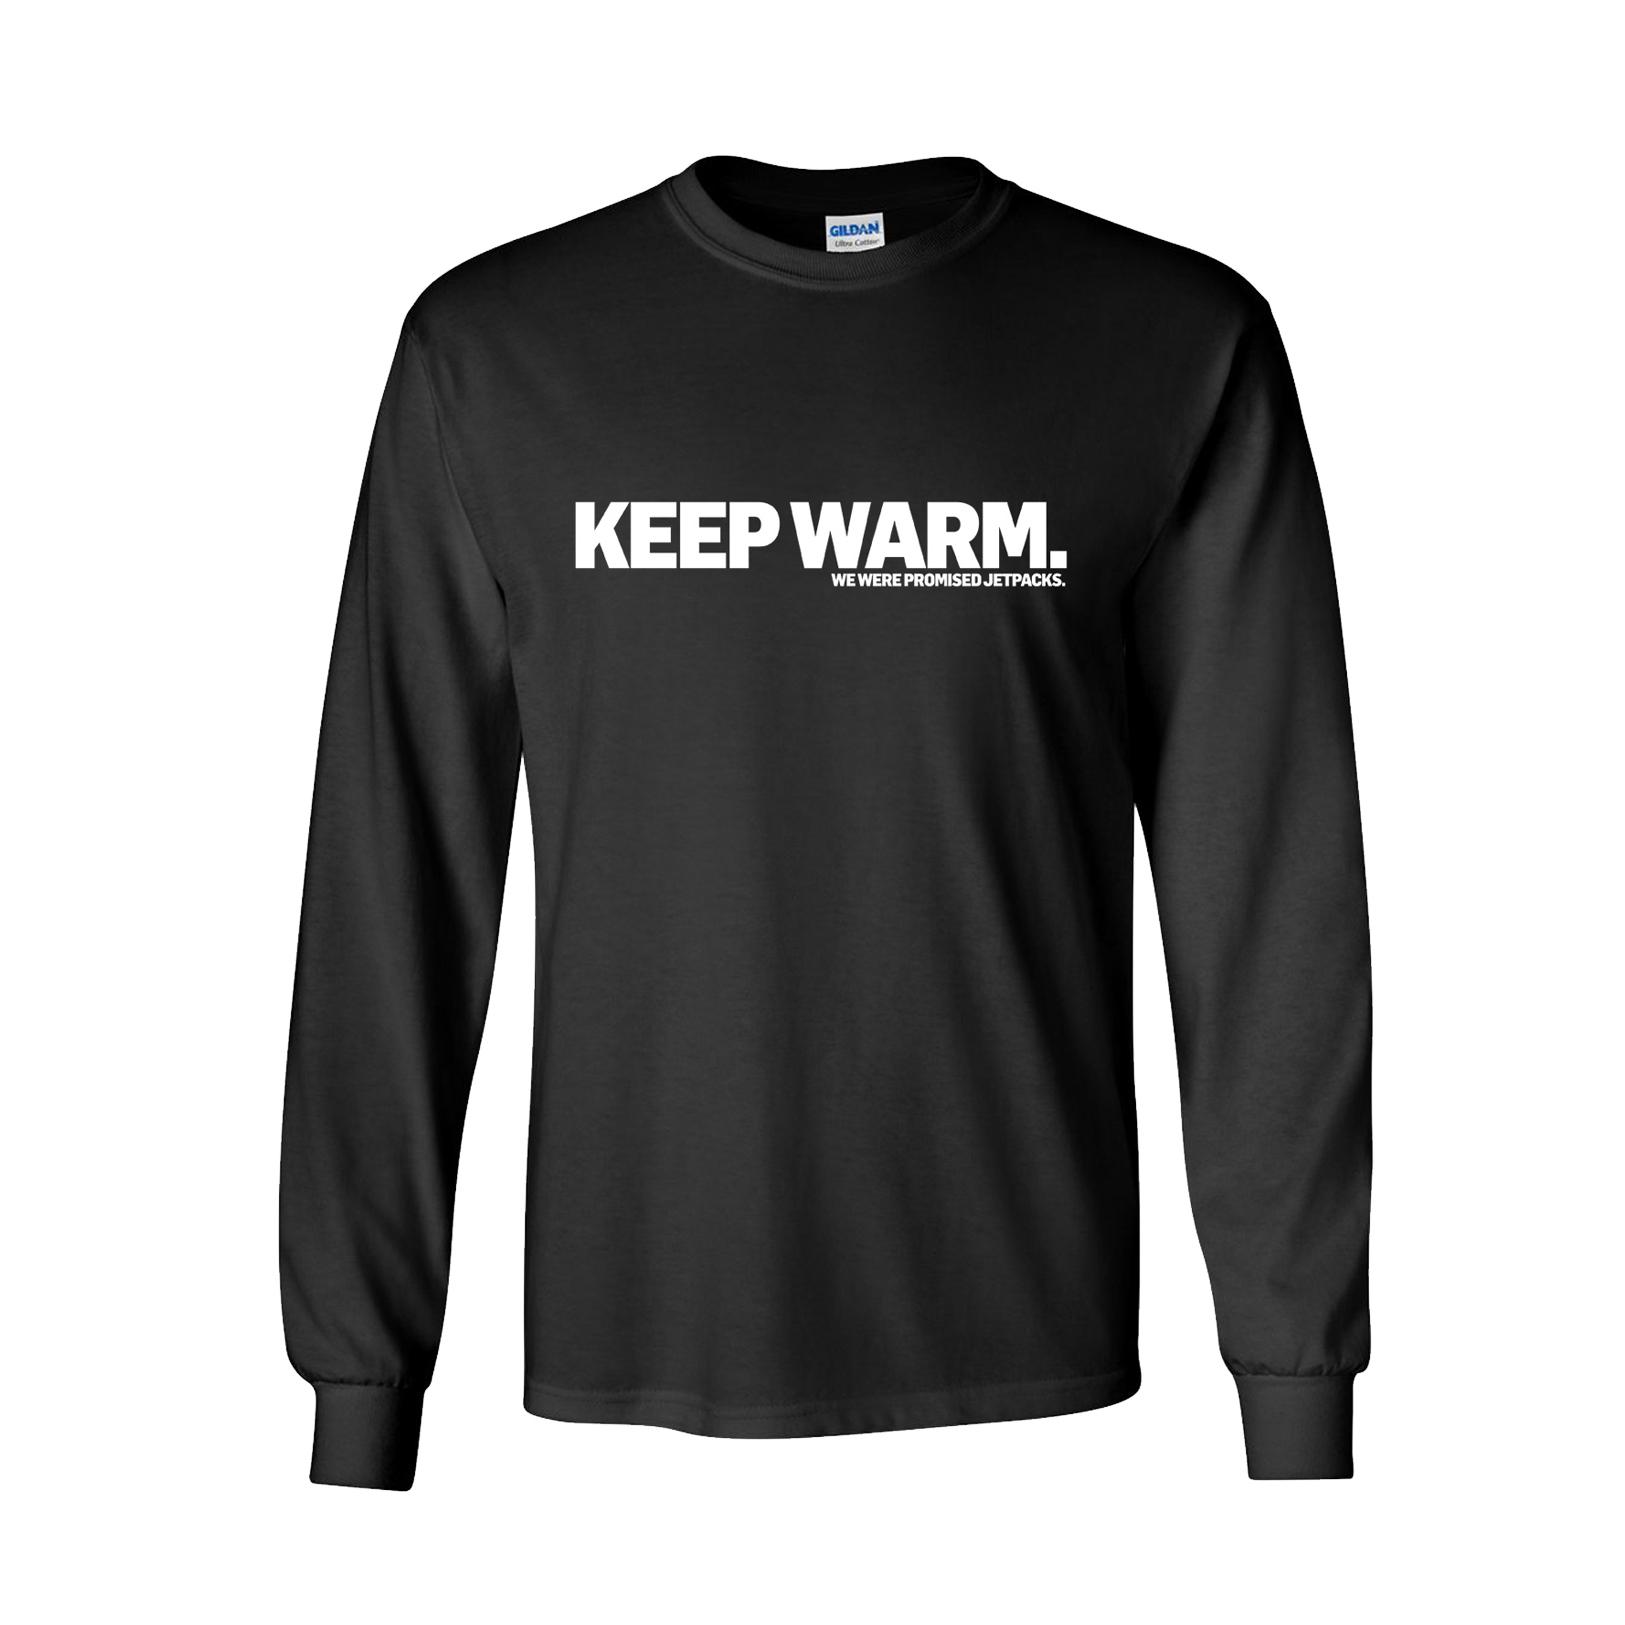 KEEP WARM LONGSLEEVE